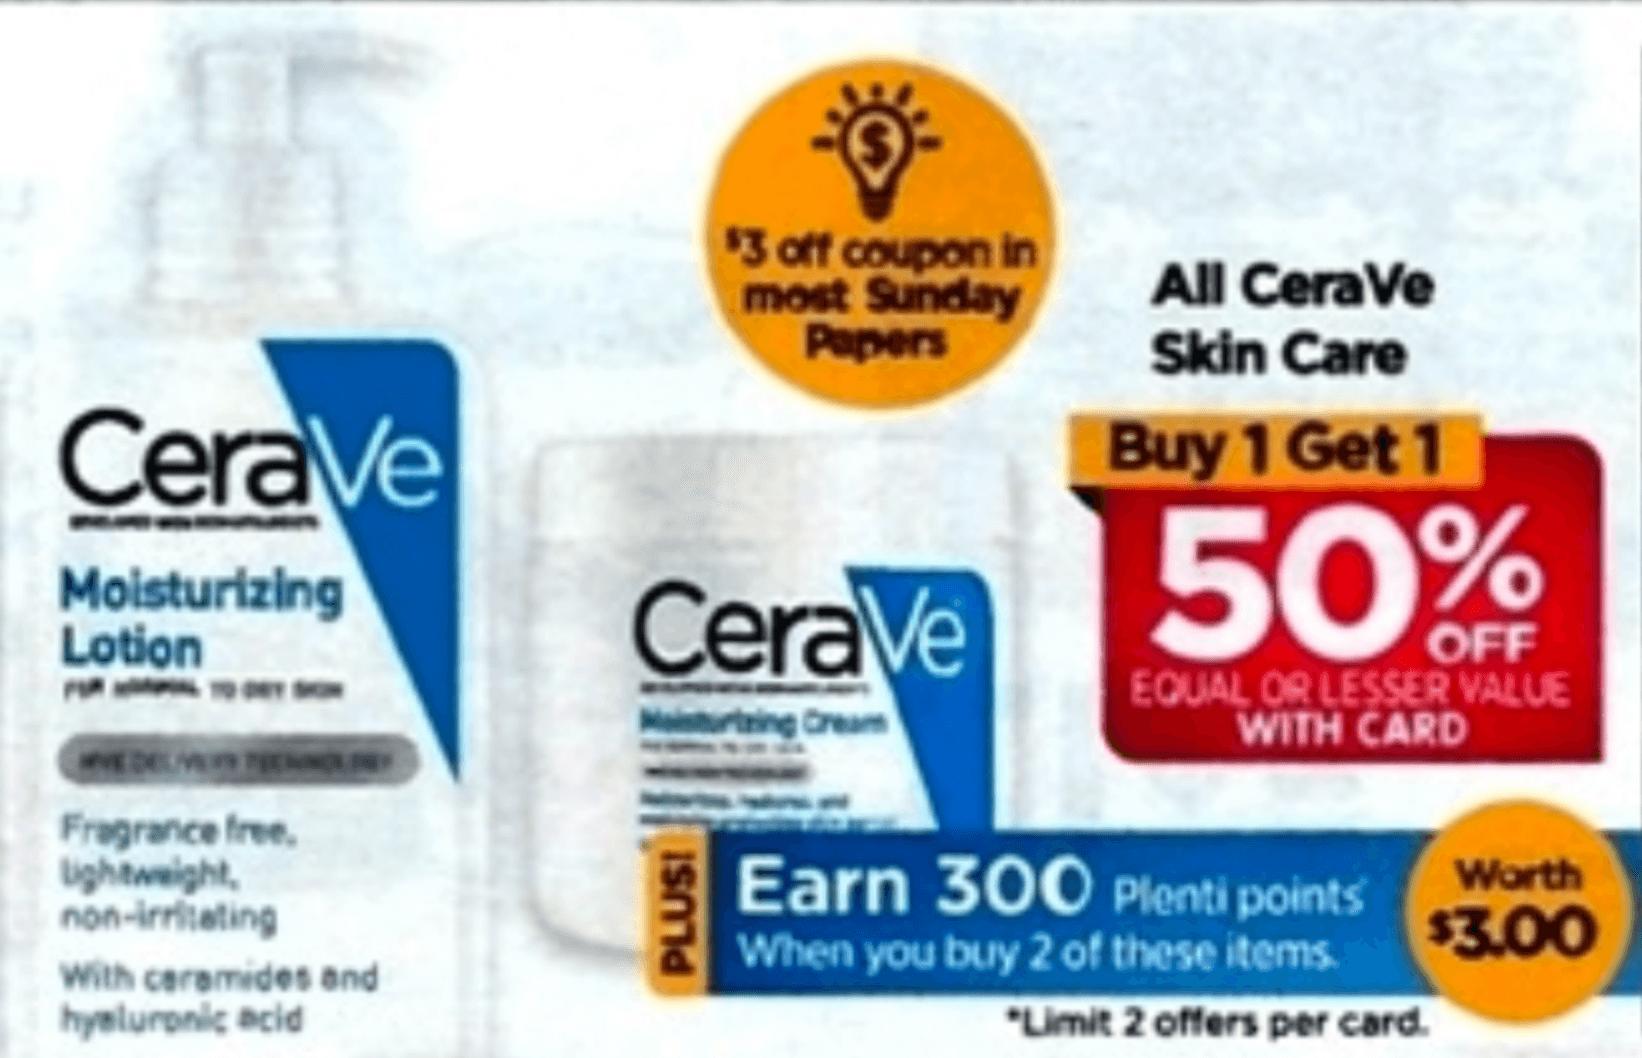 Sunscreen coupons